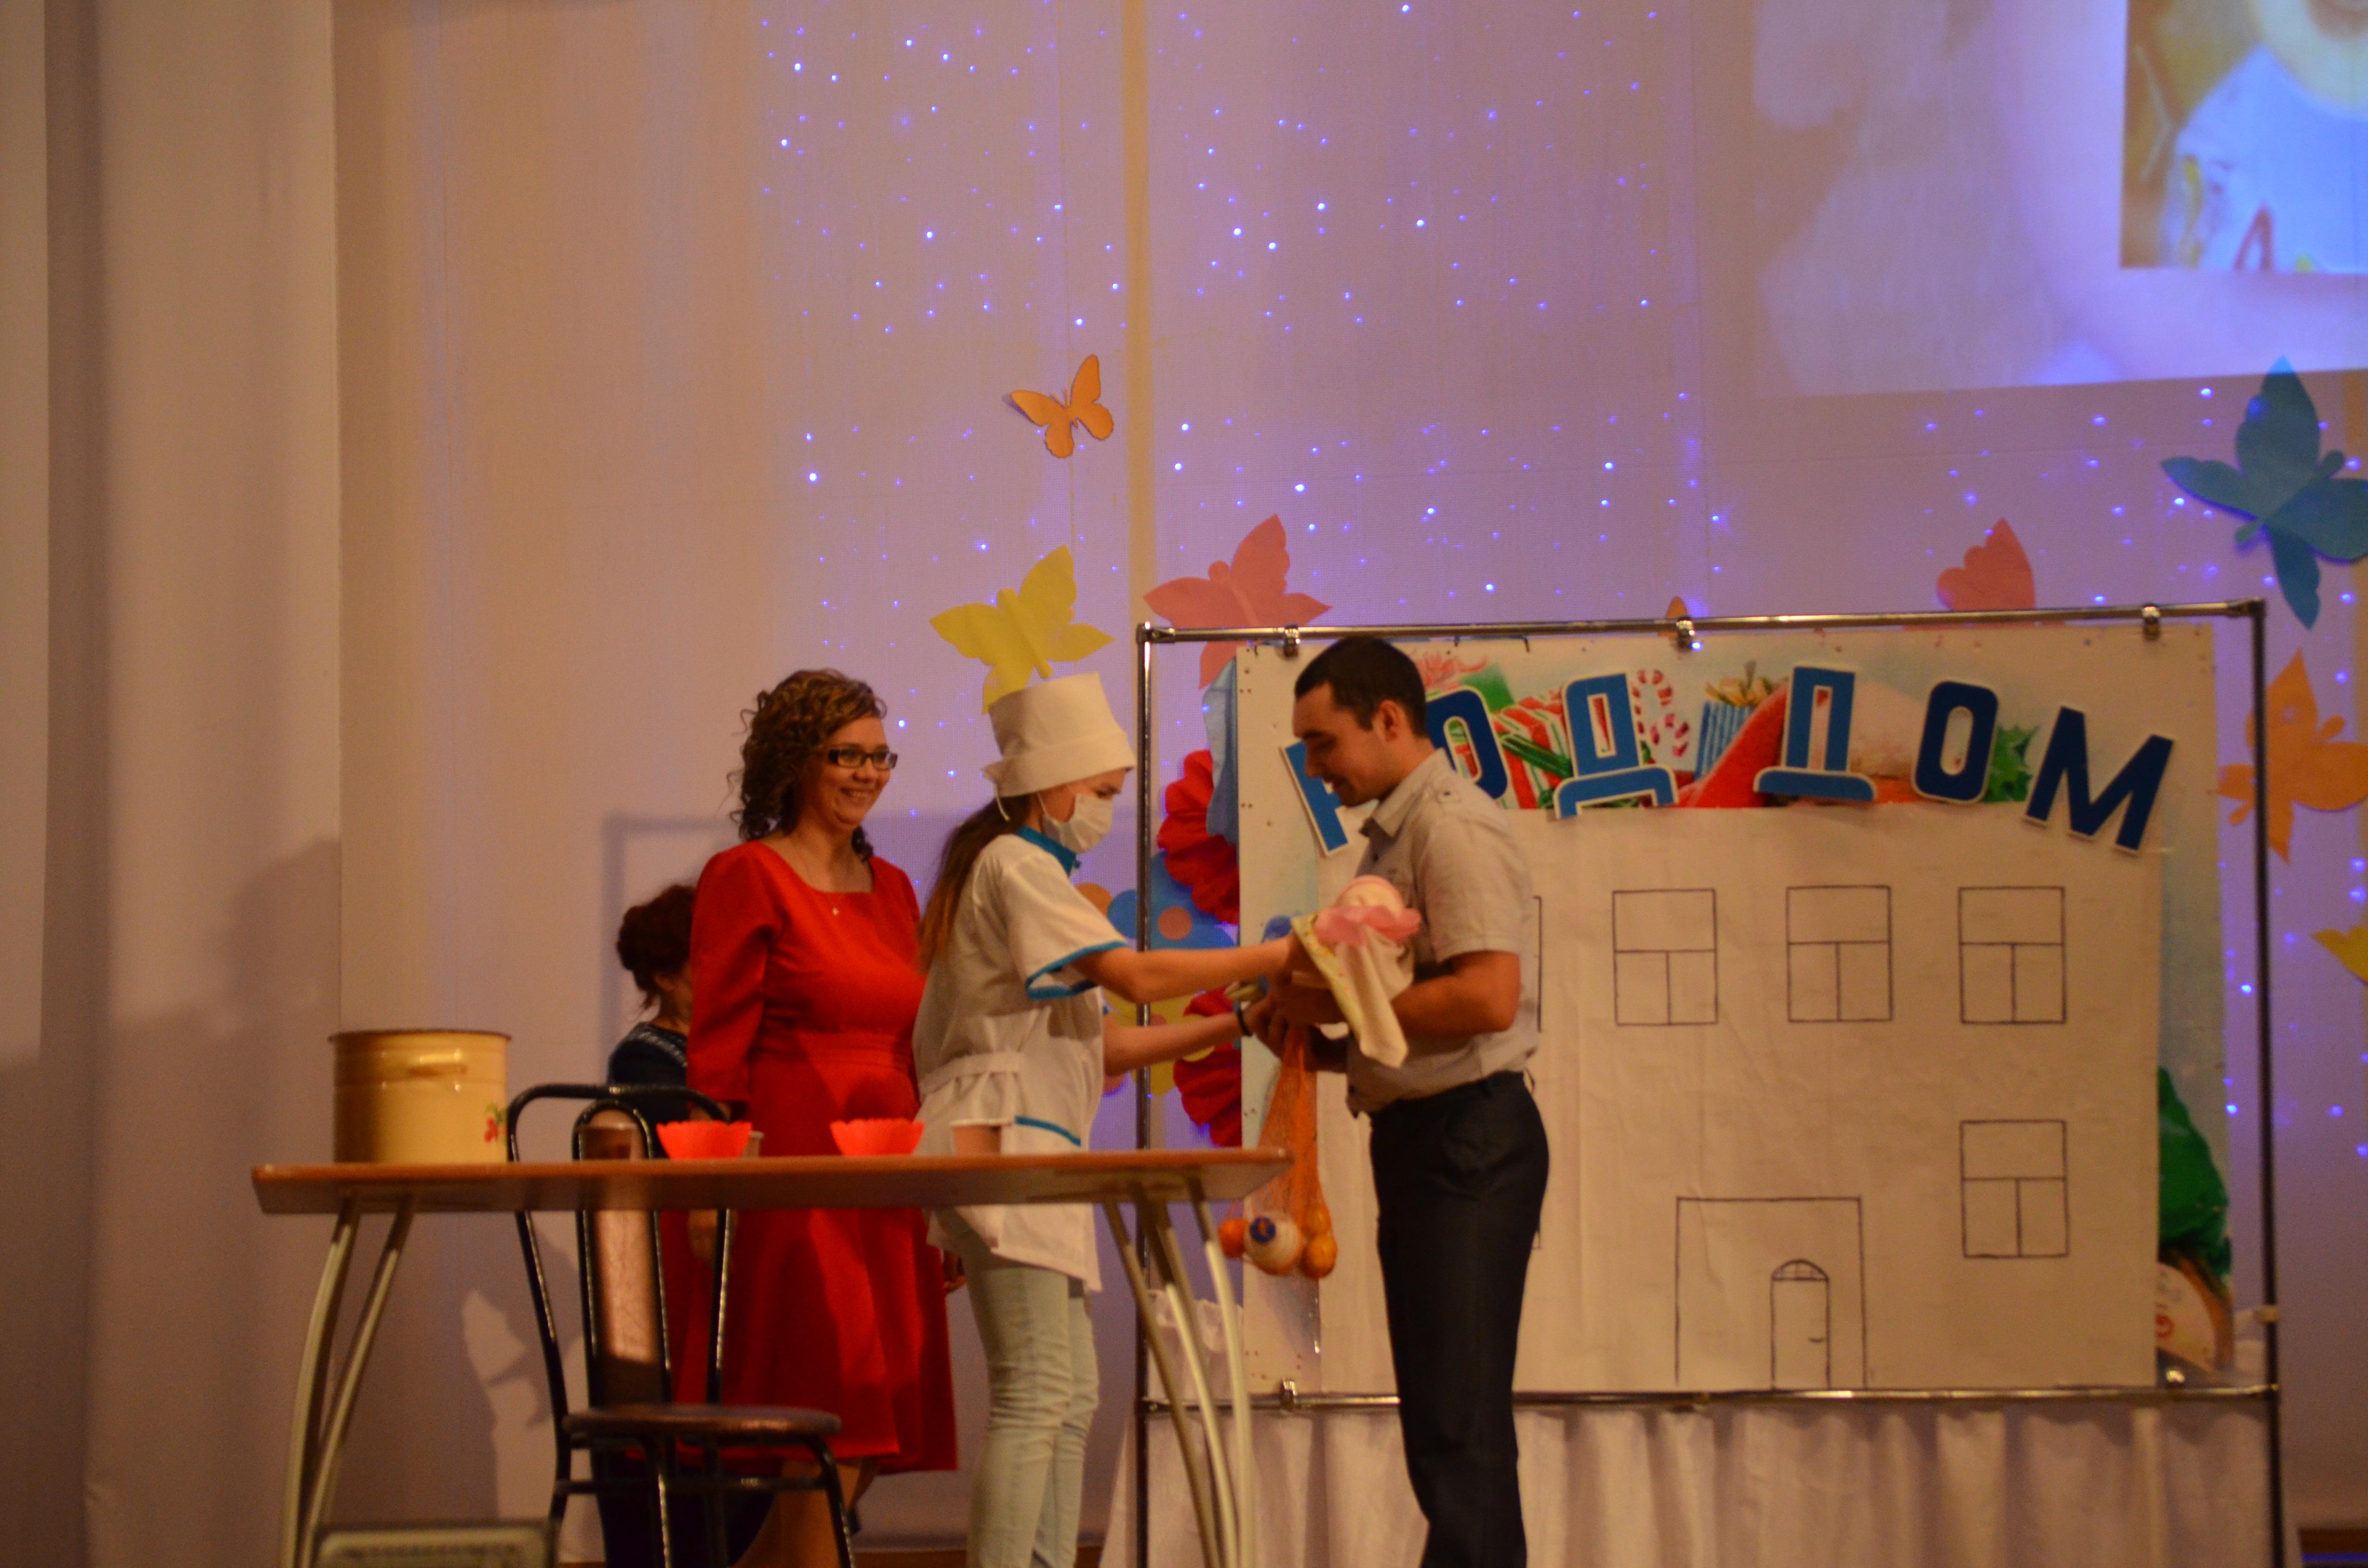 Библиотекари на районном конкурсе Молодая семья МАУК   0001 0022 0134 0150